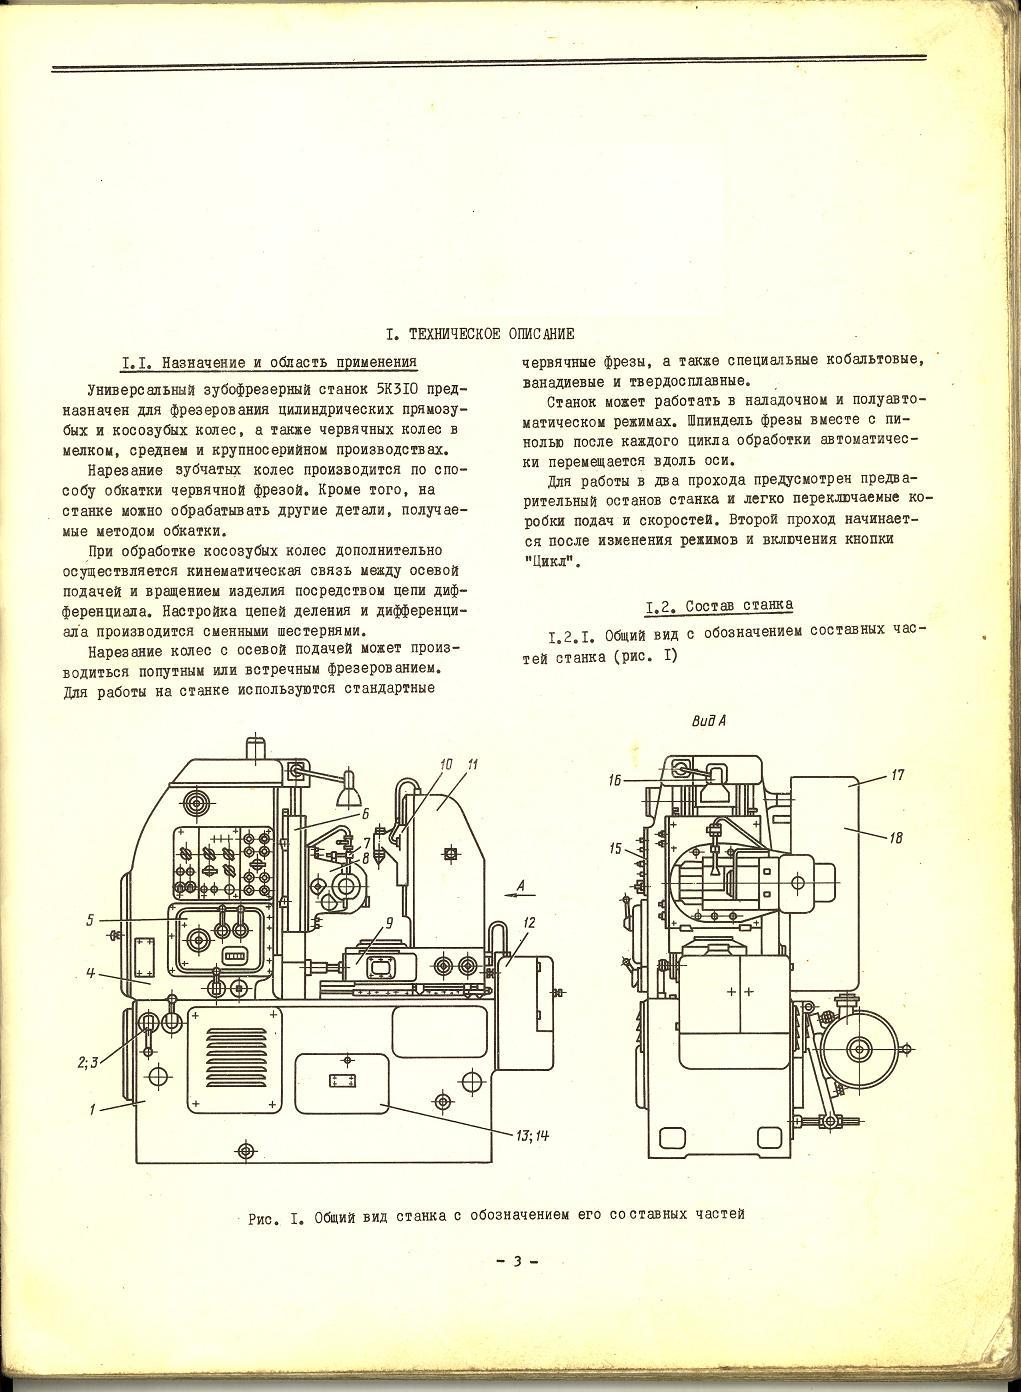 Электрическая схема старой стиральной машины